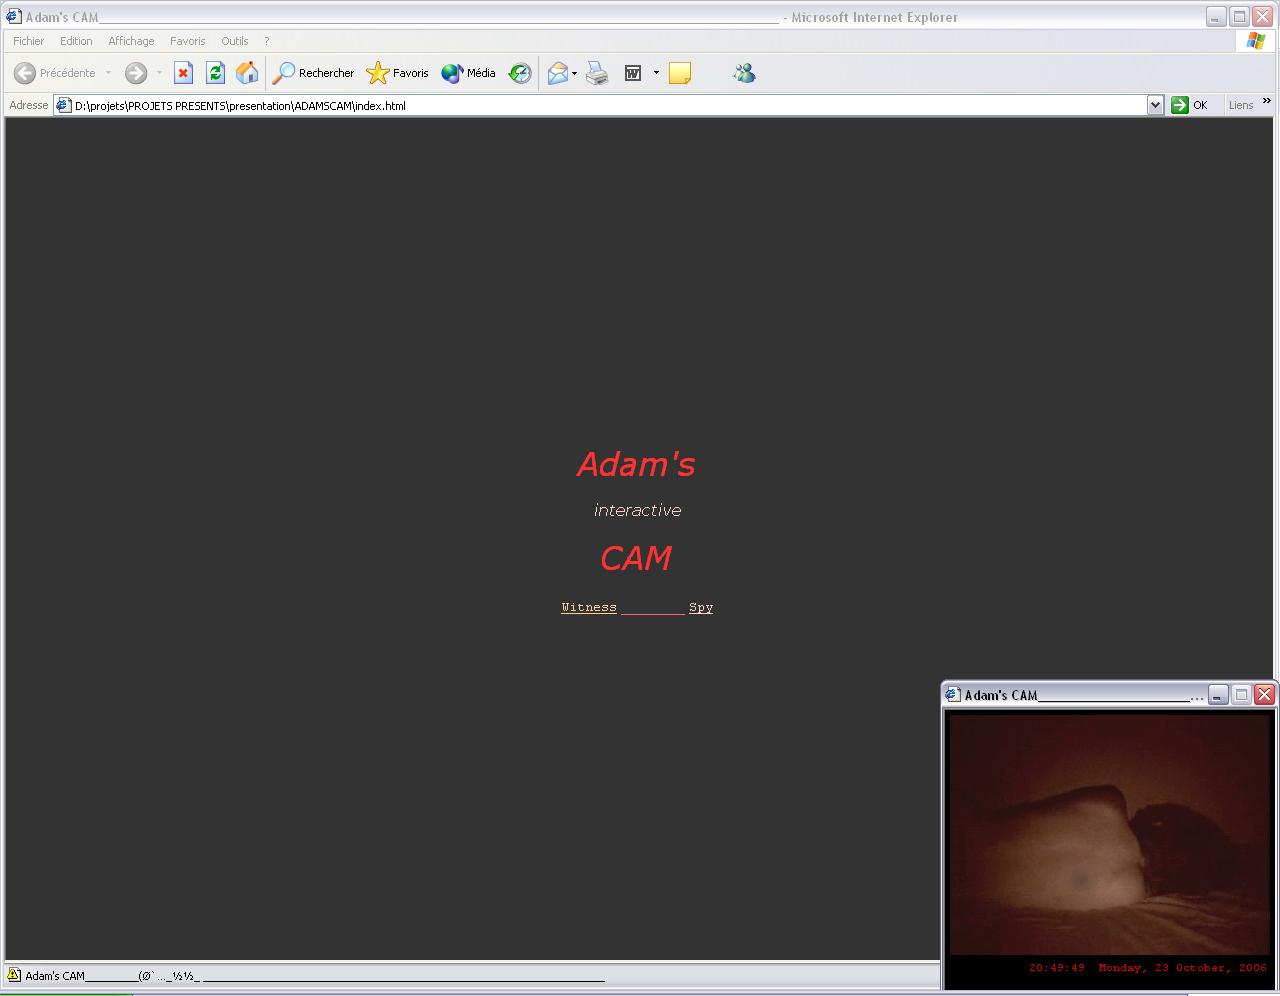 Adam's CAM